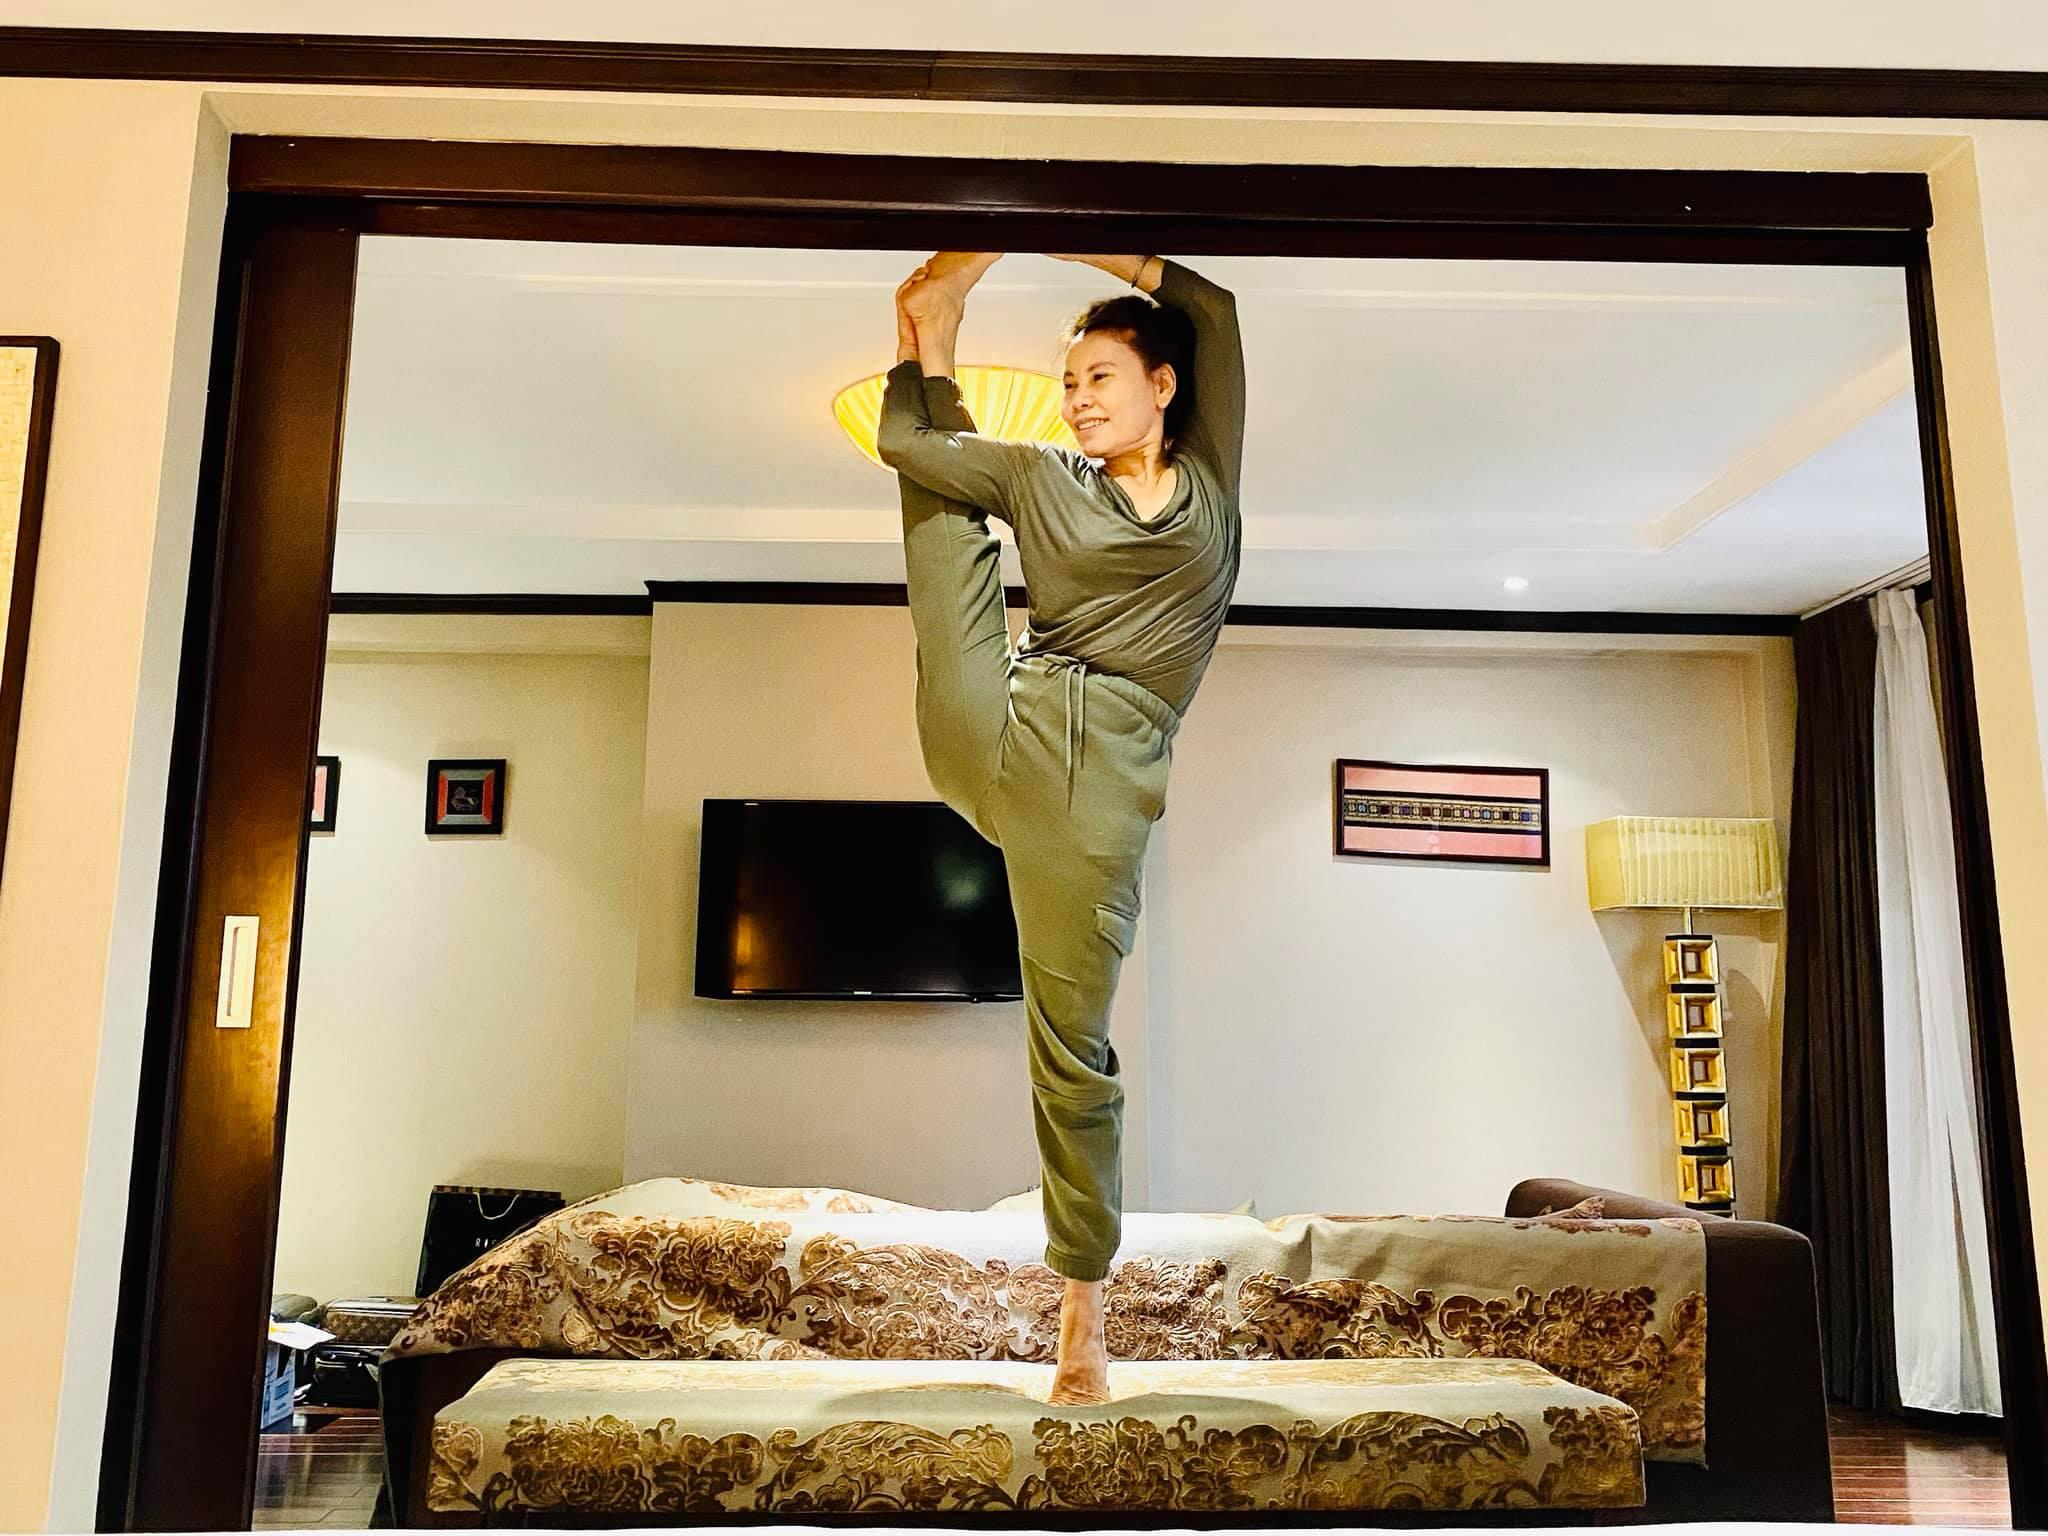 Mẹ Hồ Ngọc Hà khoe thân hình 'chuẩn mẫu' ở tuổi 60 khiến Kim Lý hết lời khen ngợi 4